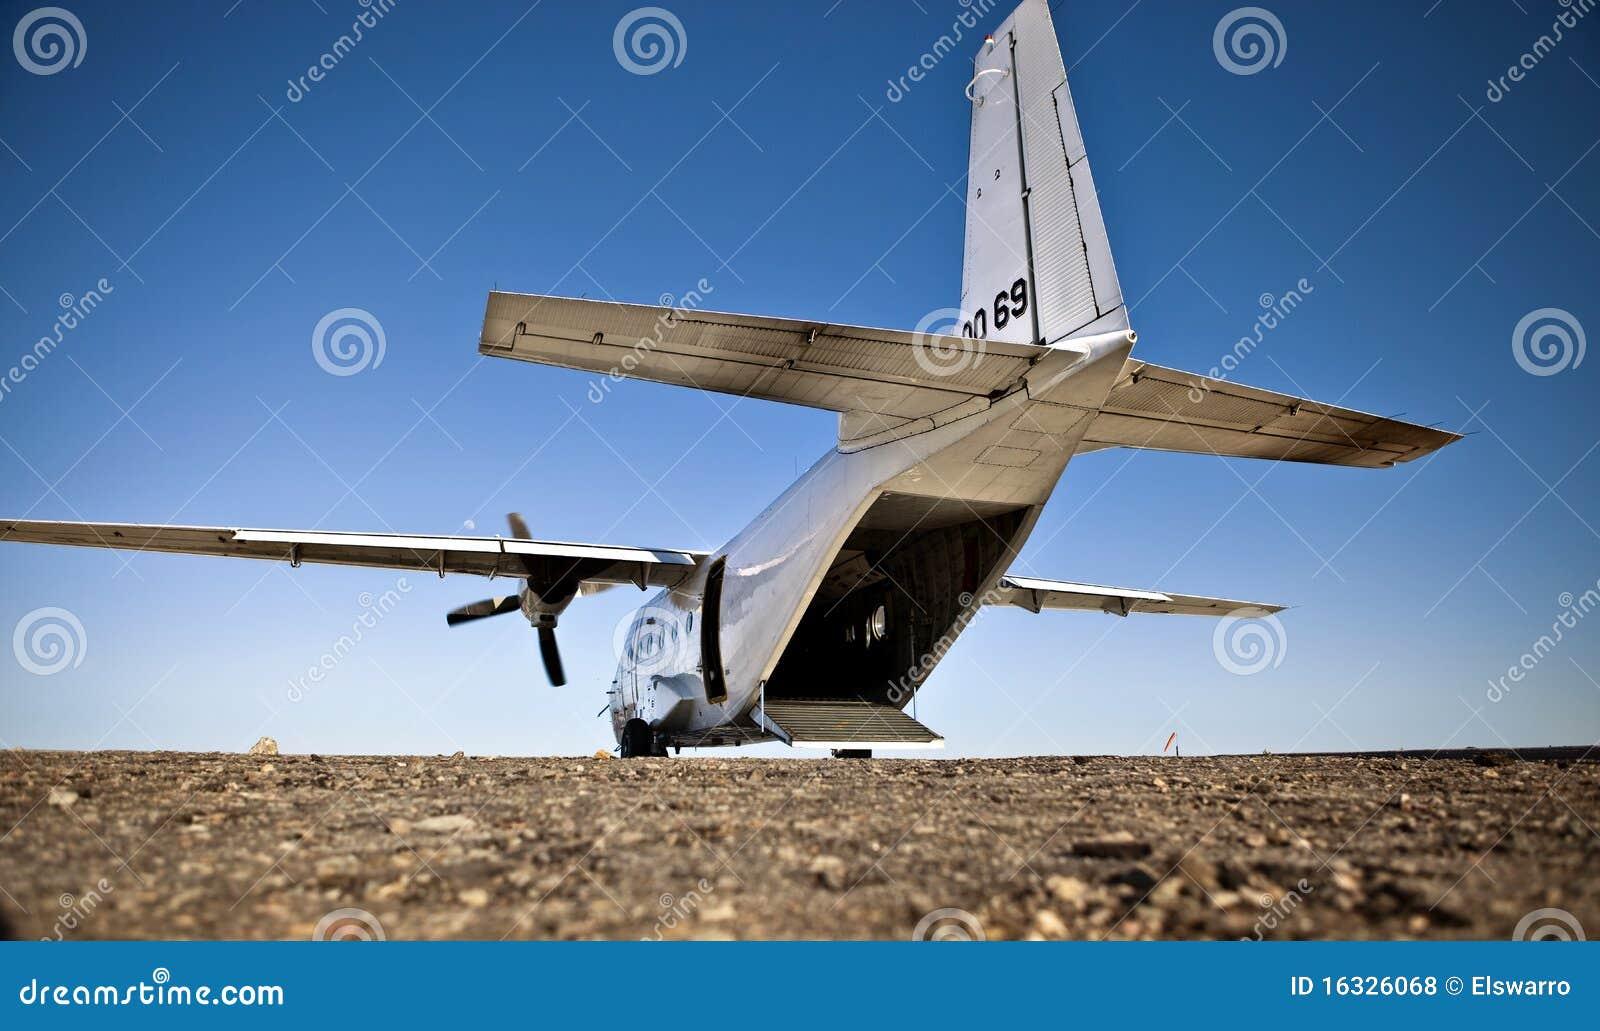 White Cargo Plane Royalty Free Stock Photos Image 16326068